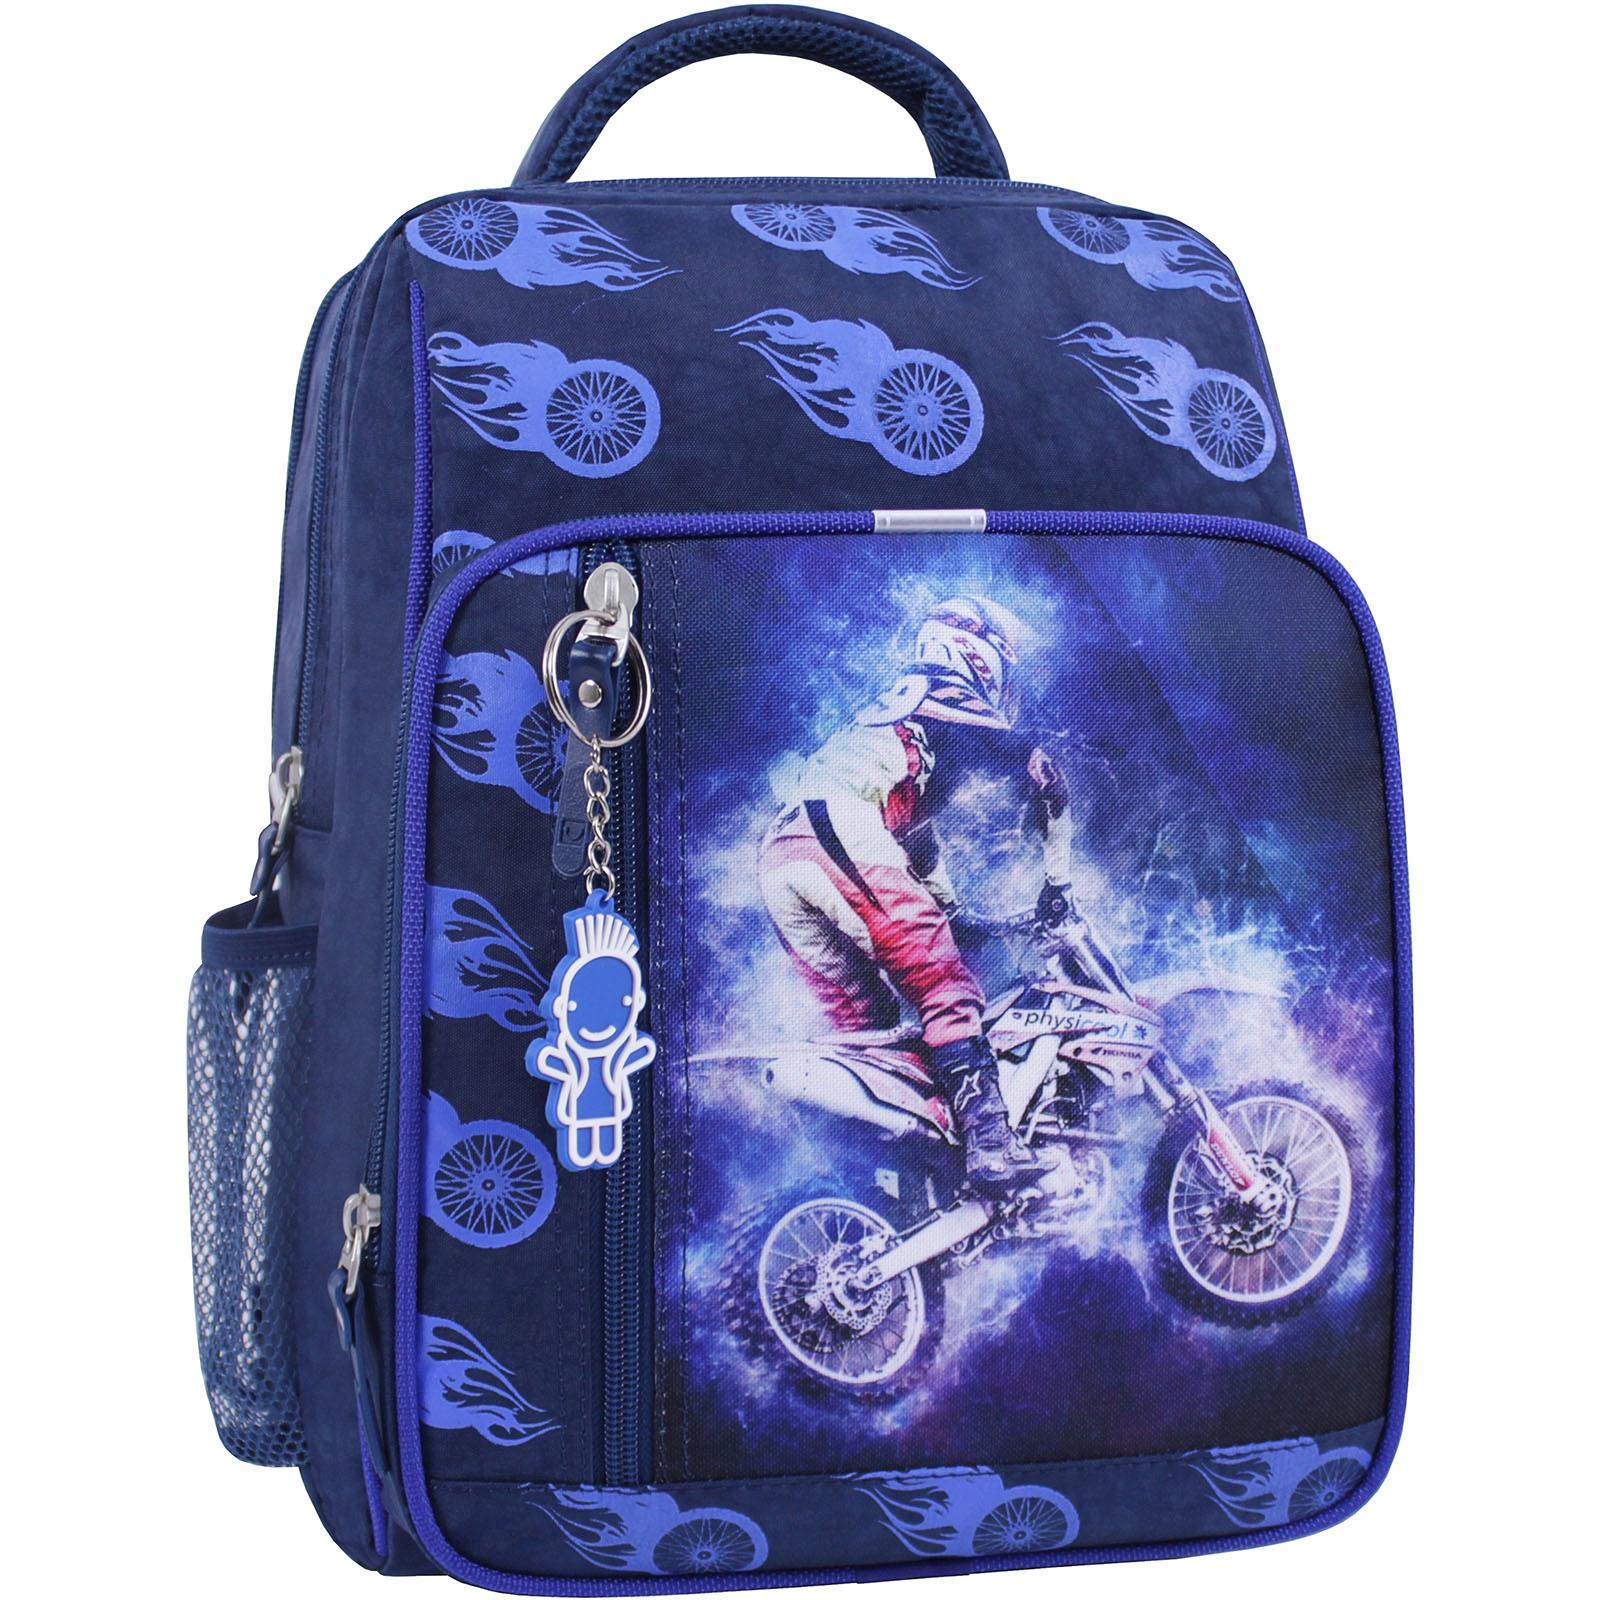 Детские рюкзаки Рюкзак школьный Bagland Школьник 8 л. синий 507 (0012870) IMG_1028_суб.507_.JPG